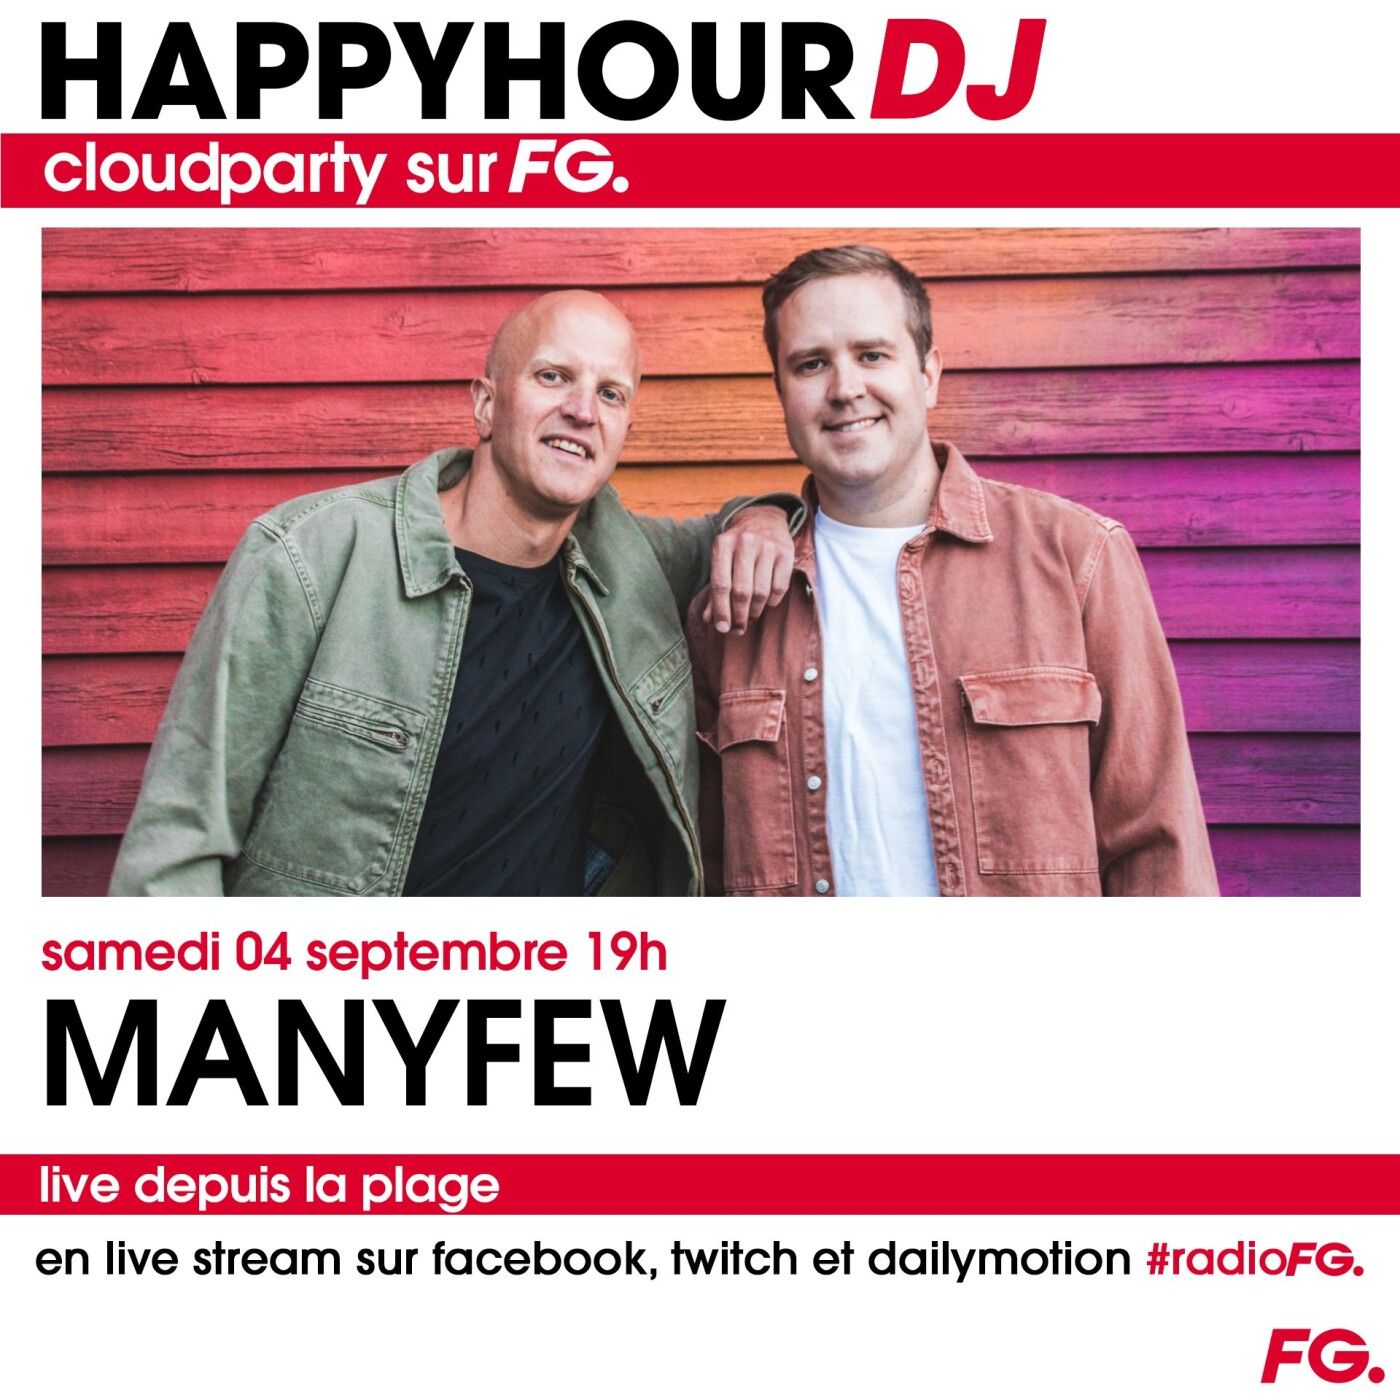 HAPPY HOUR DJ : MANYFEW